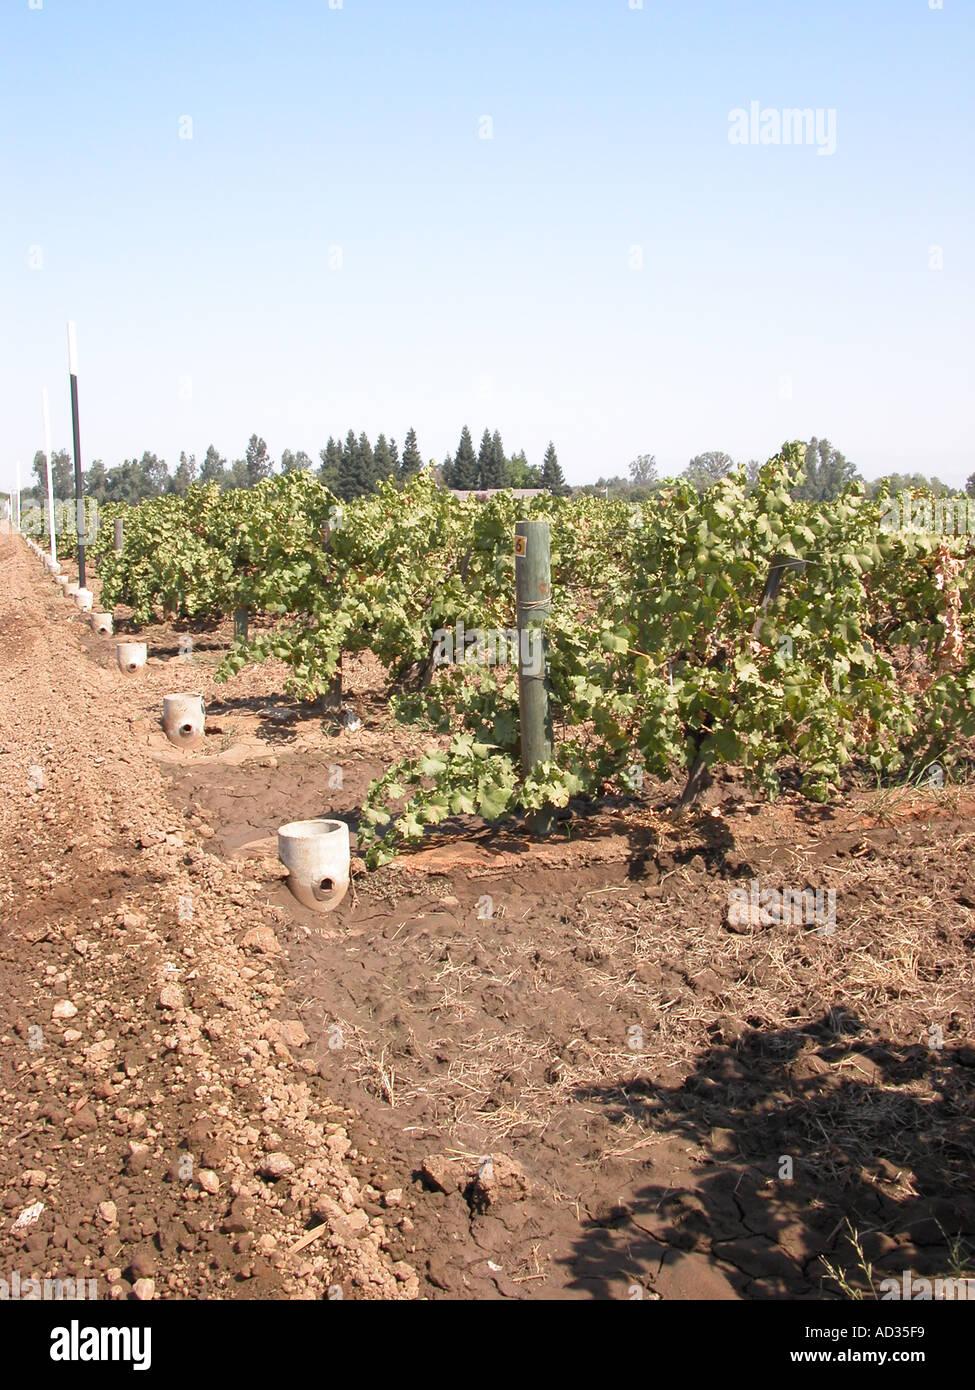 San Joaquin Valley Fresno Stock Photos & San Joaquin Valley Fresno ...